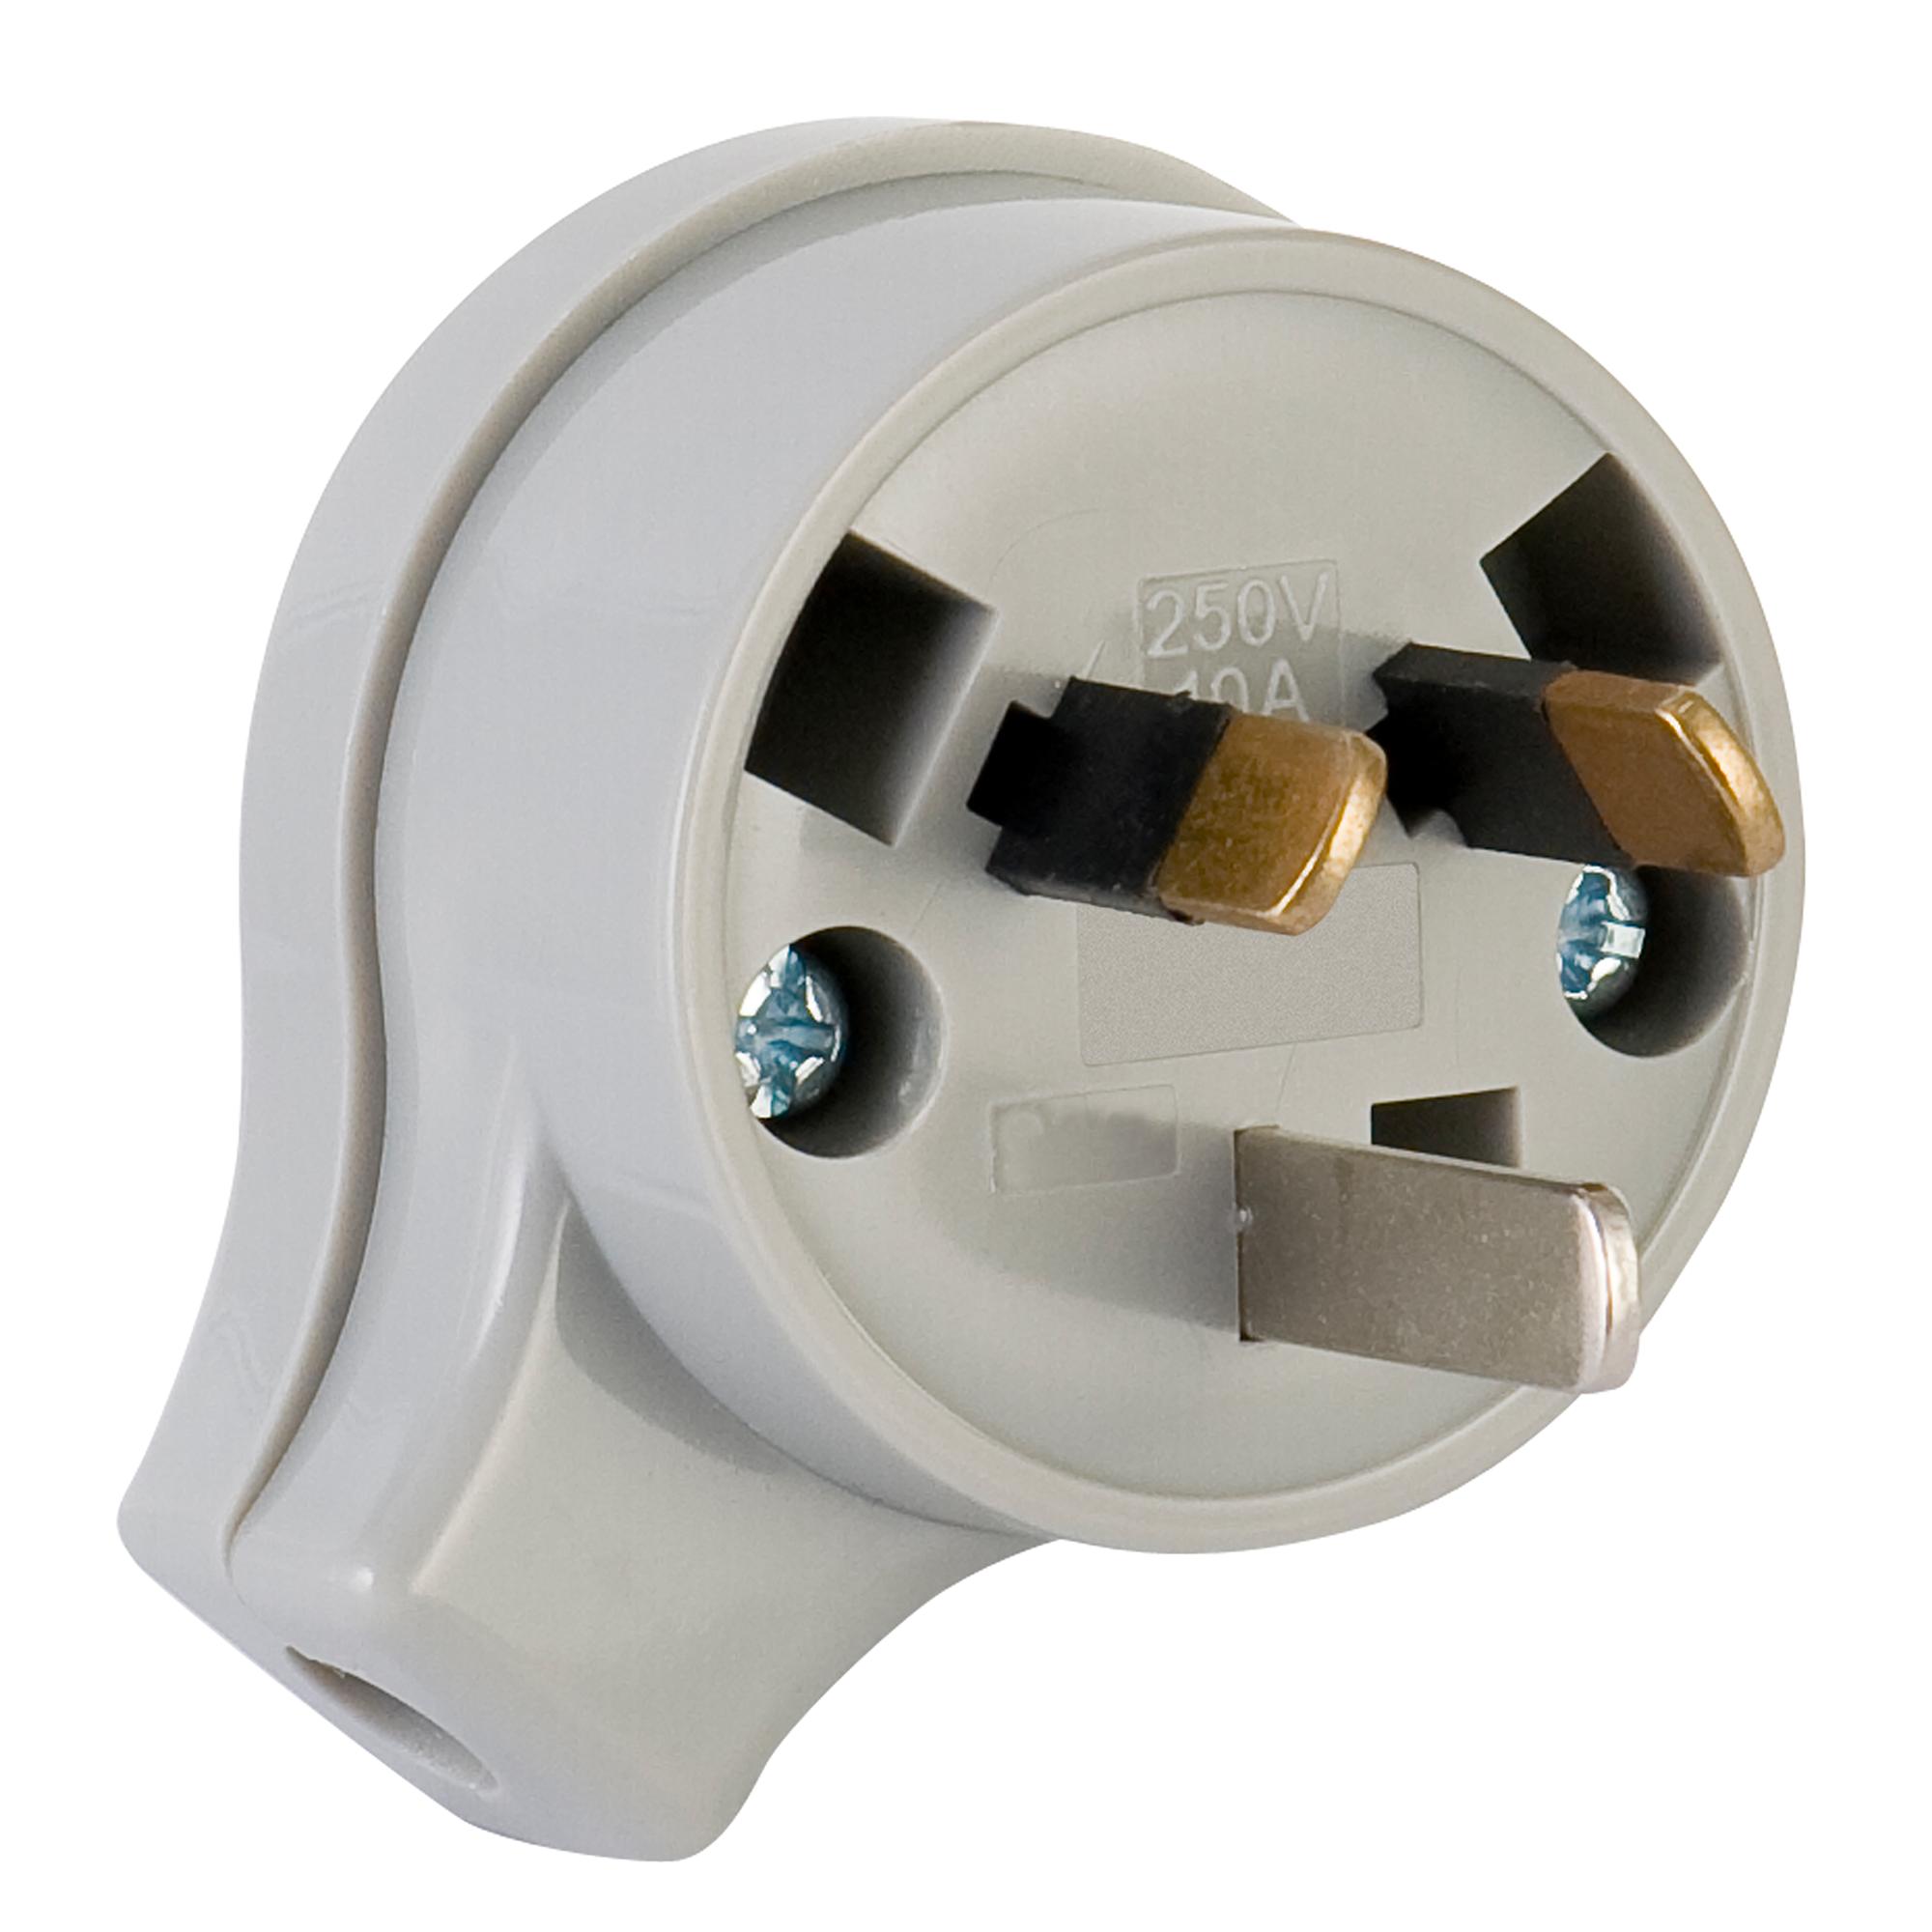 10a grey side entry plug top